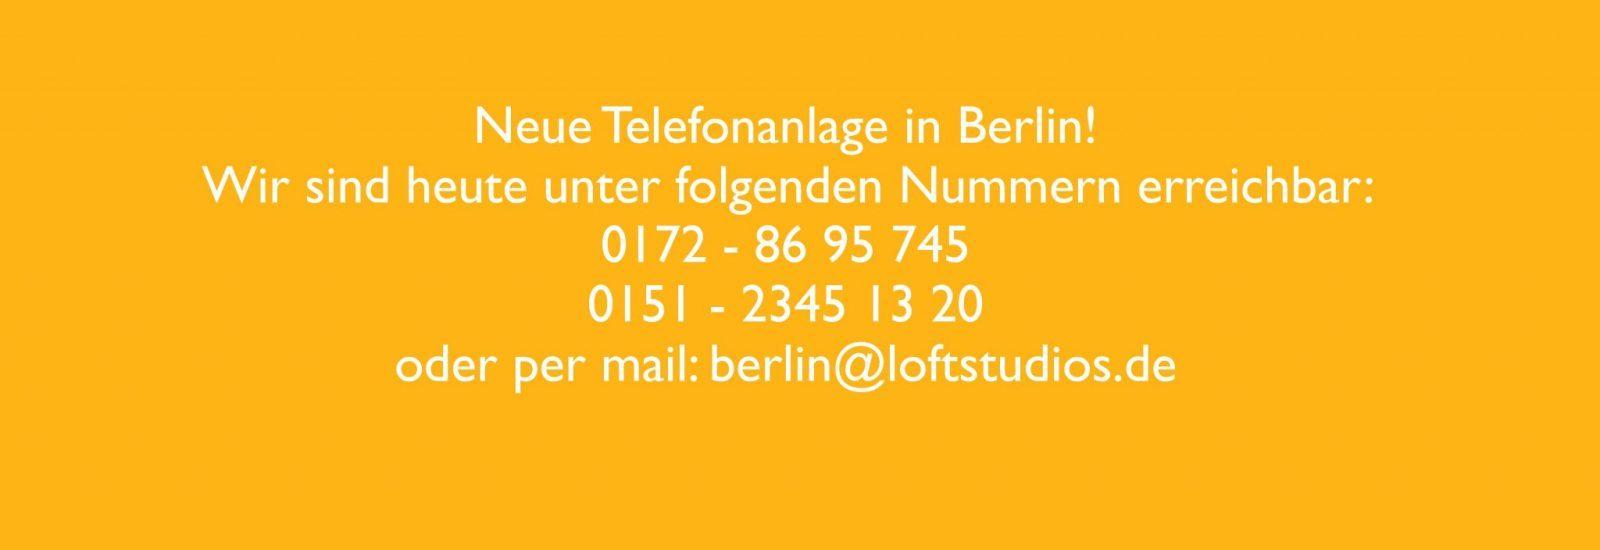 180625_berlintelefon2